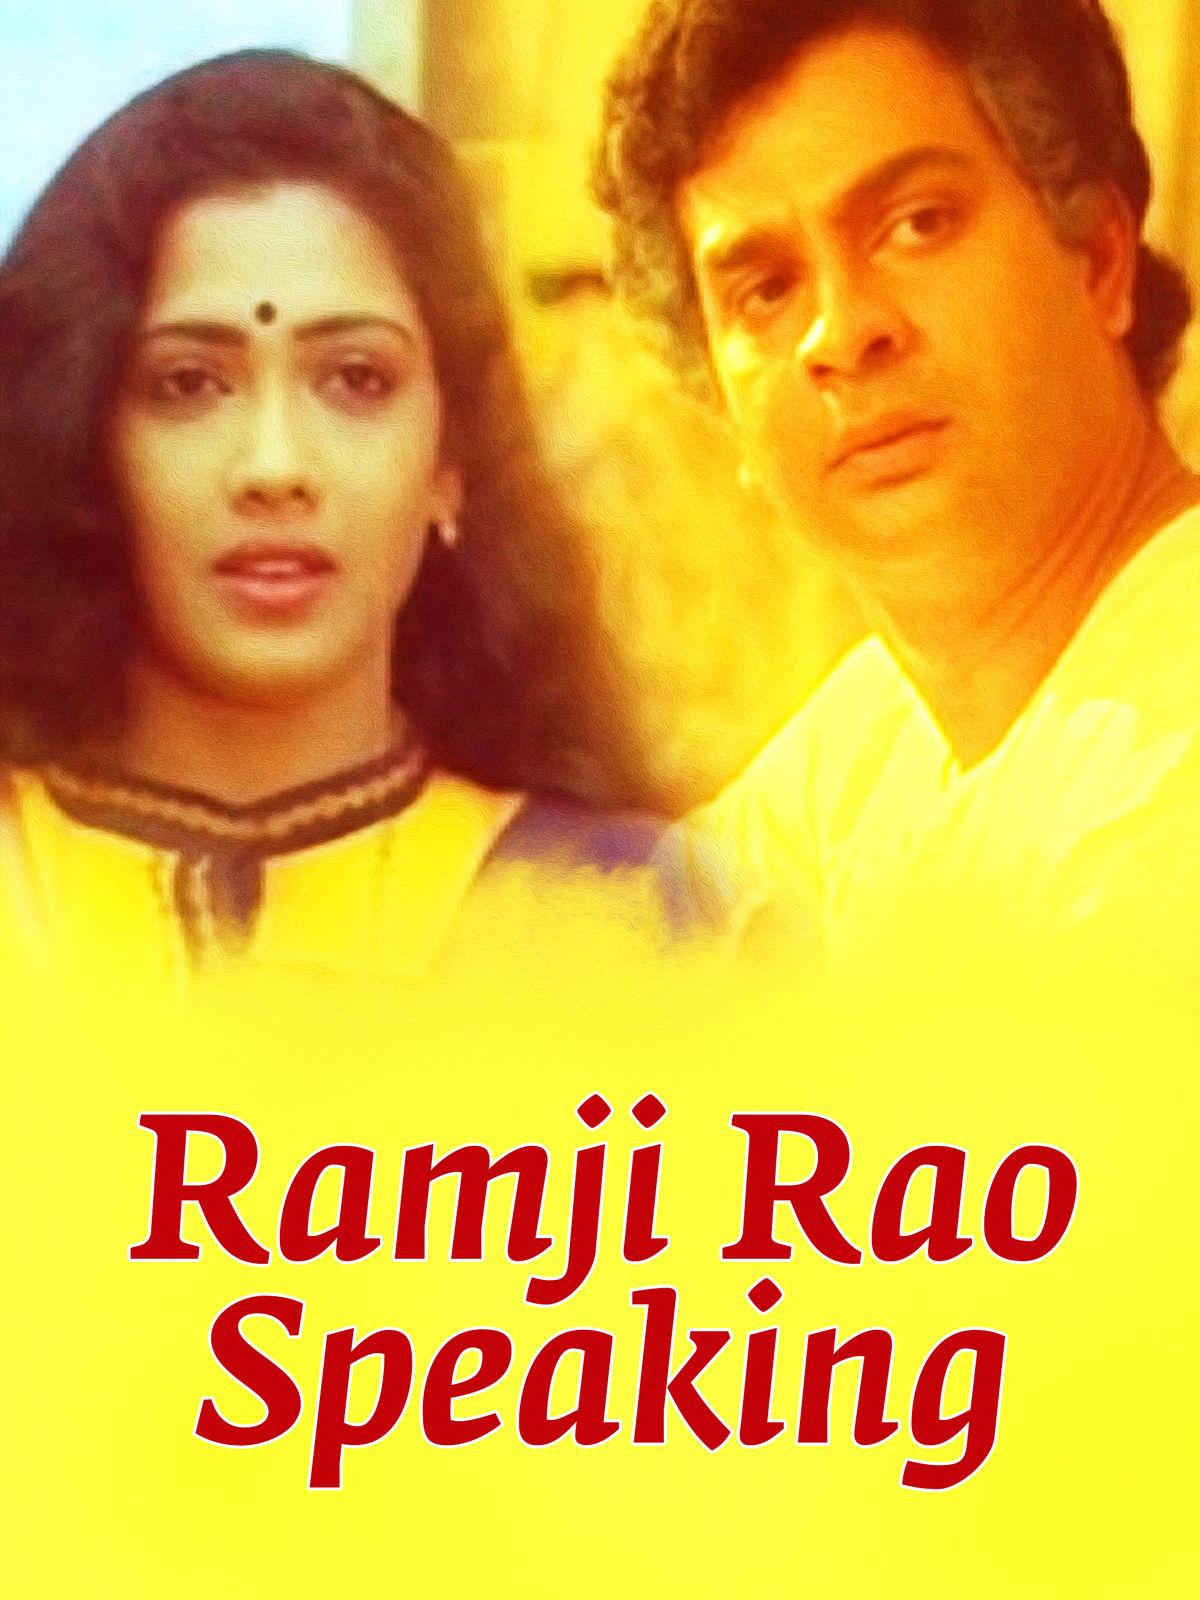 Ramjirao Speaking